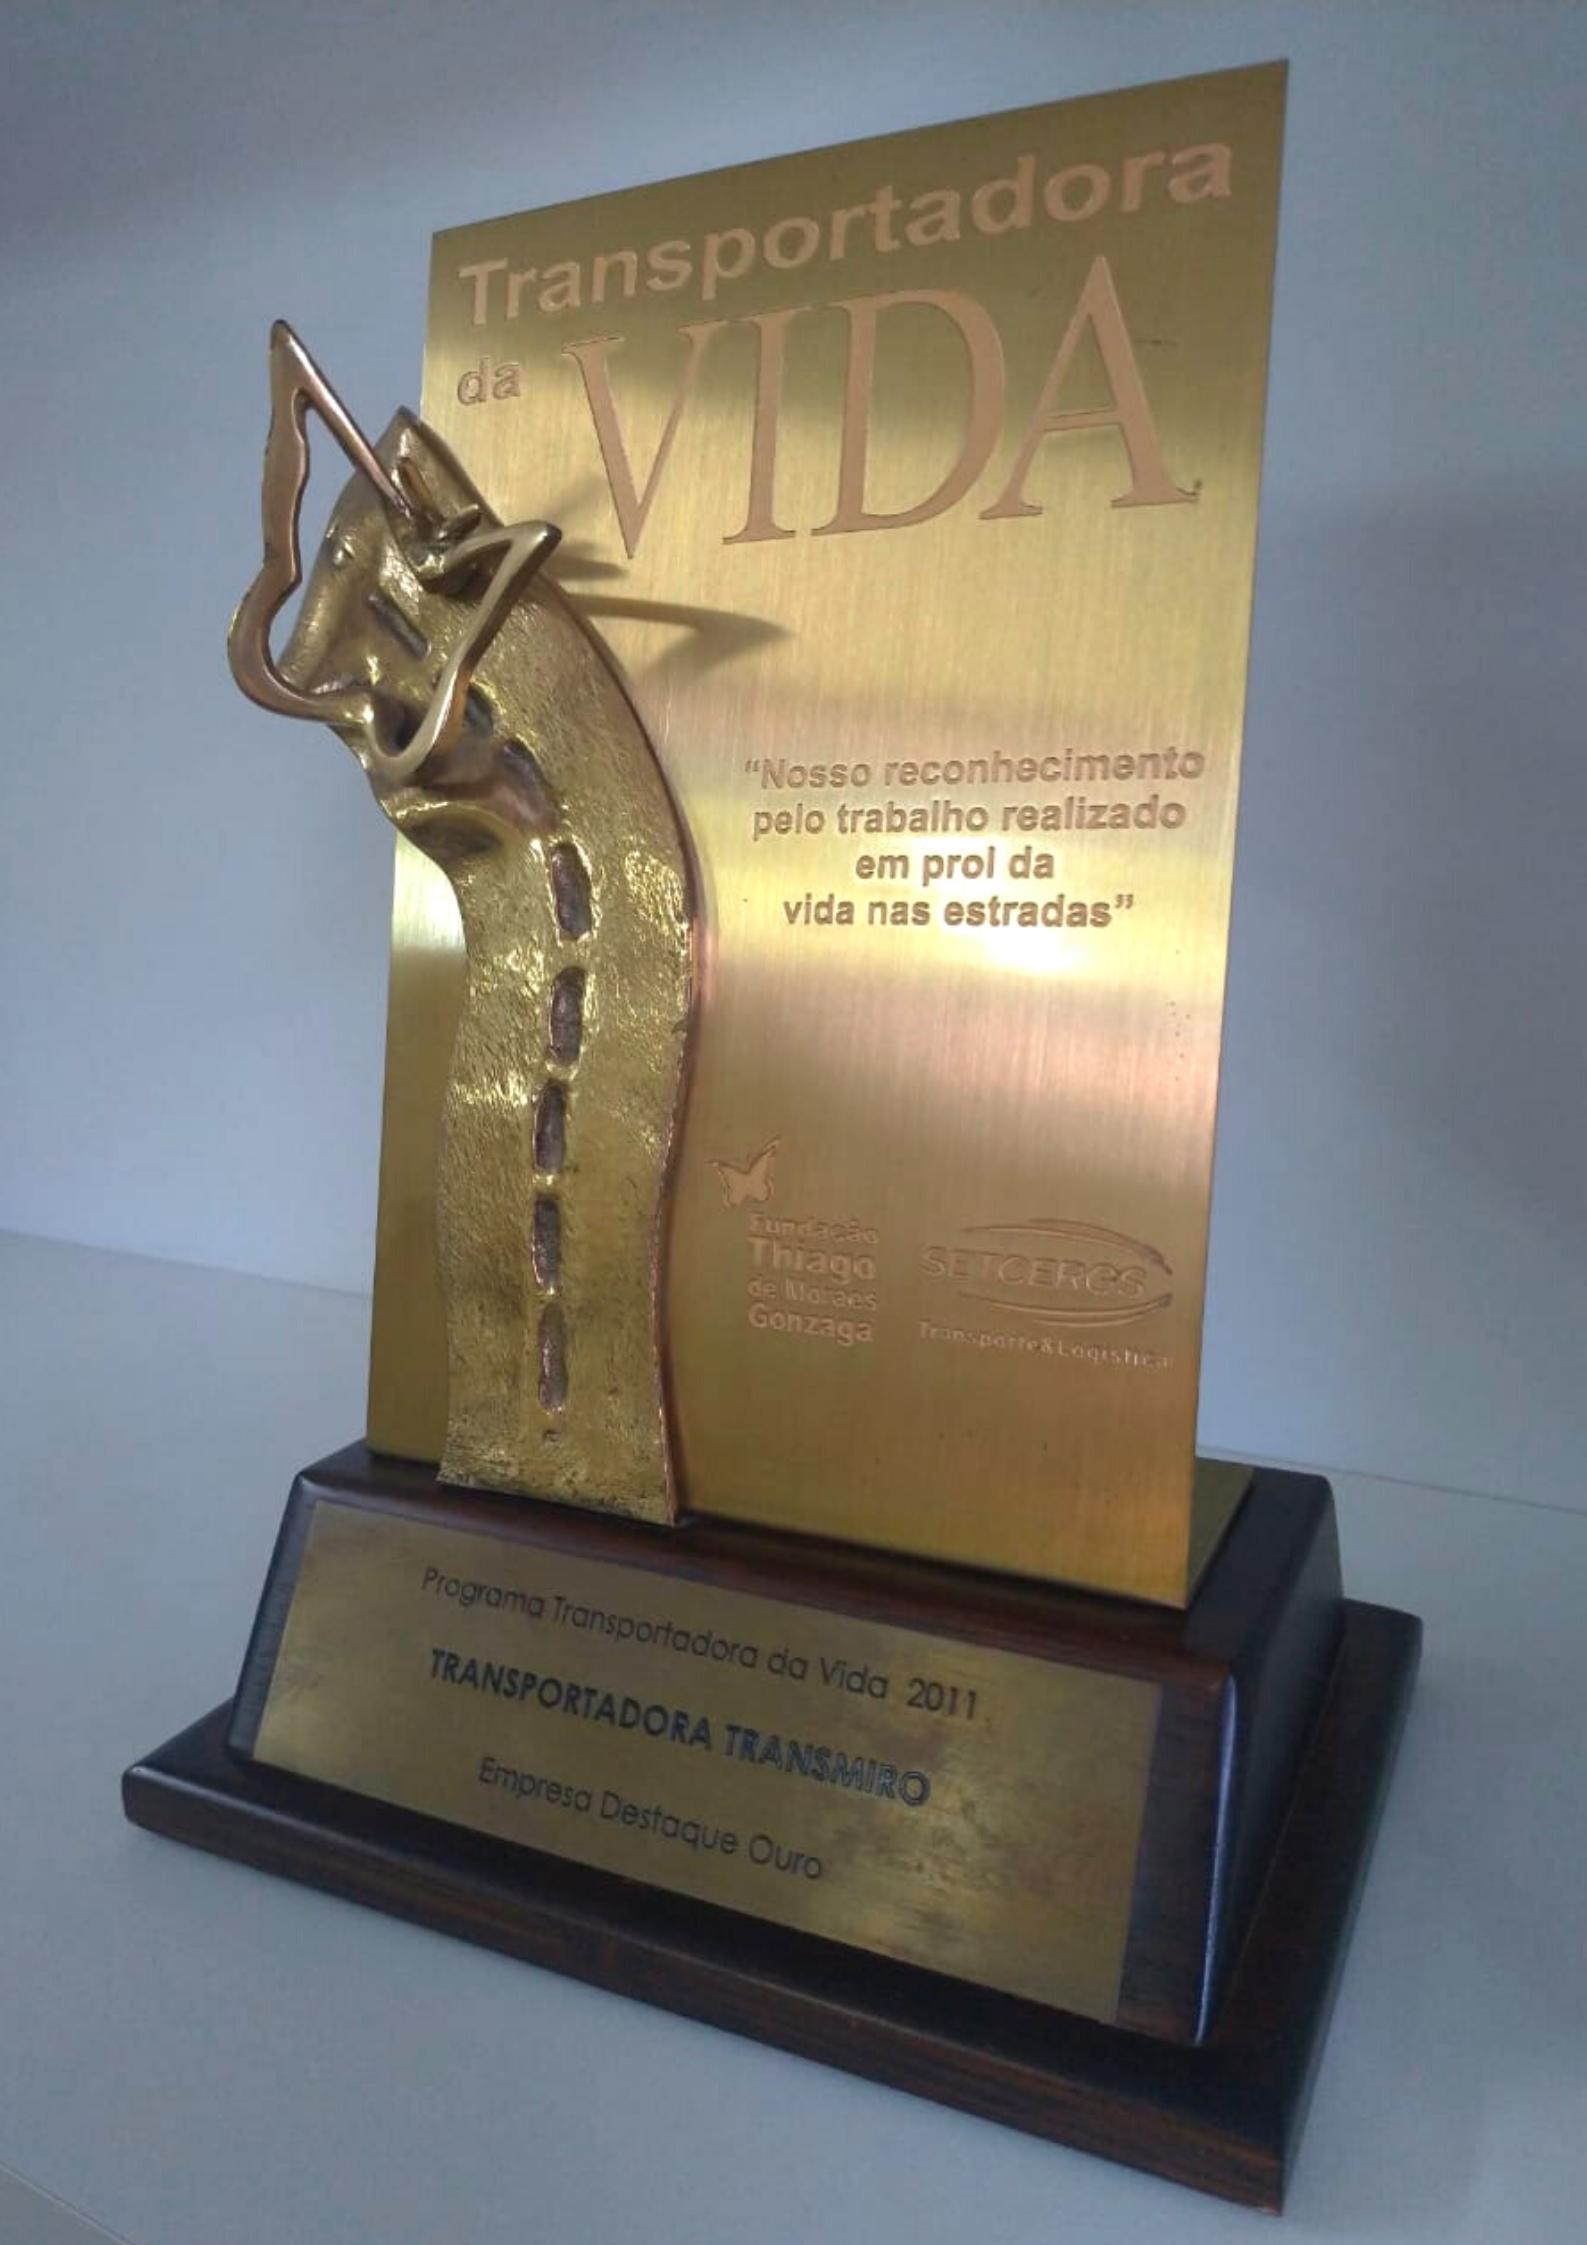 Prêmio Transportadora da Vida - SETCERGS e DETRAN